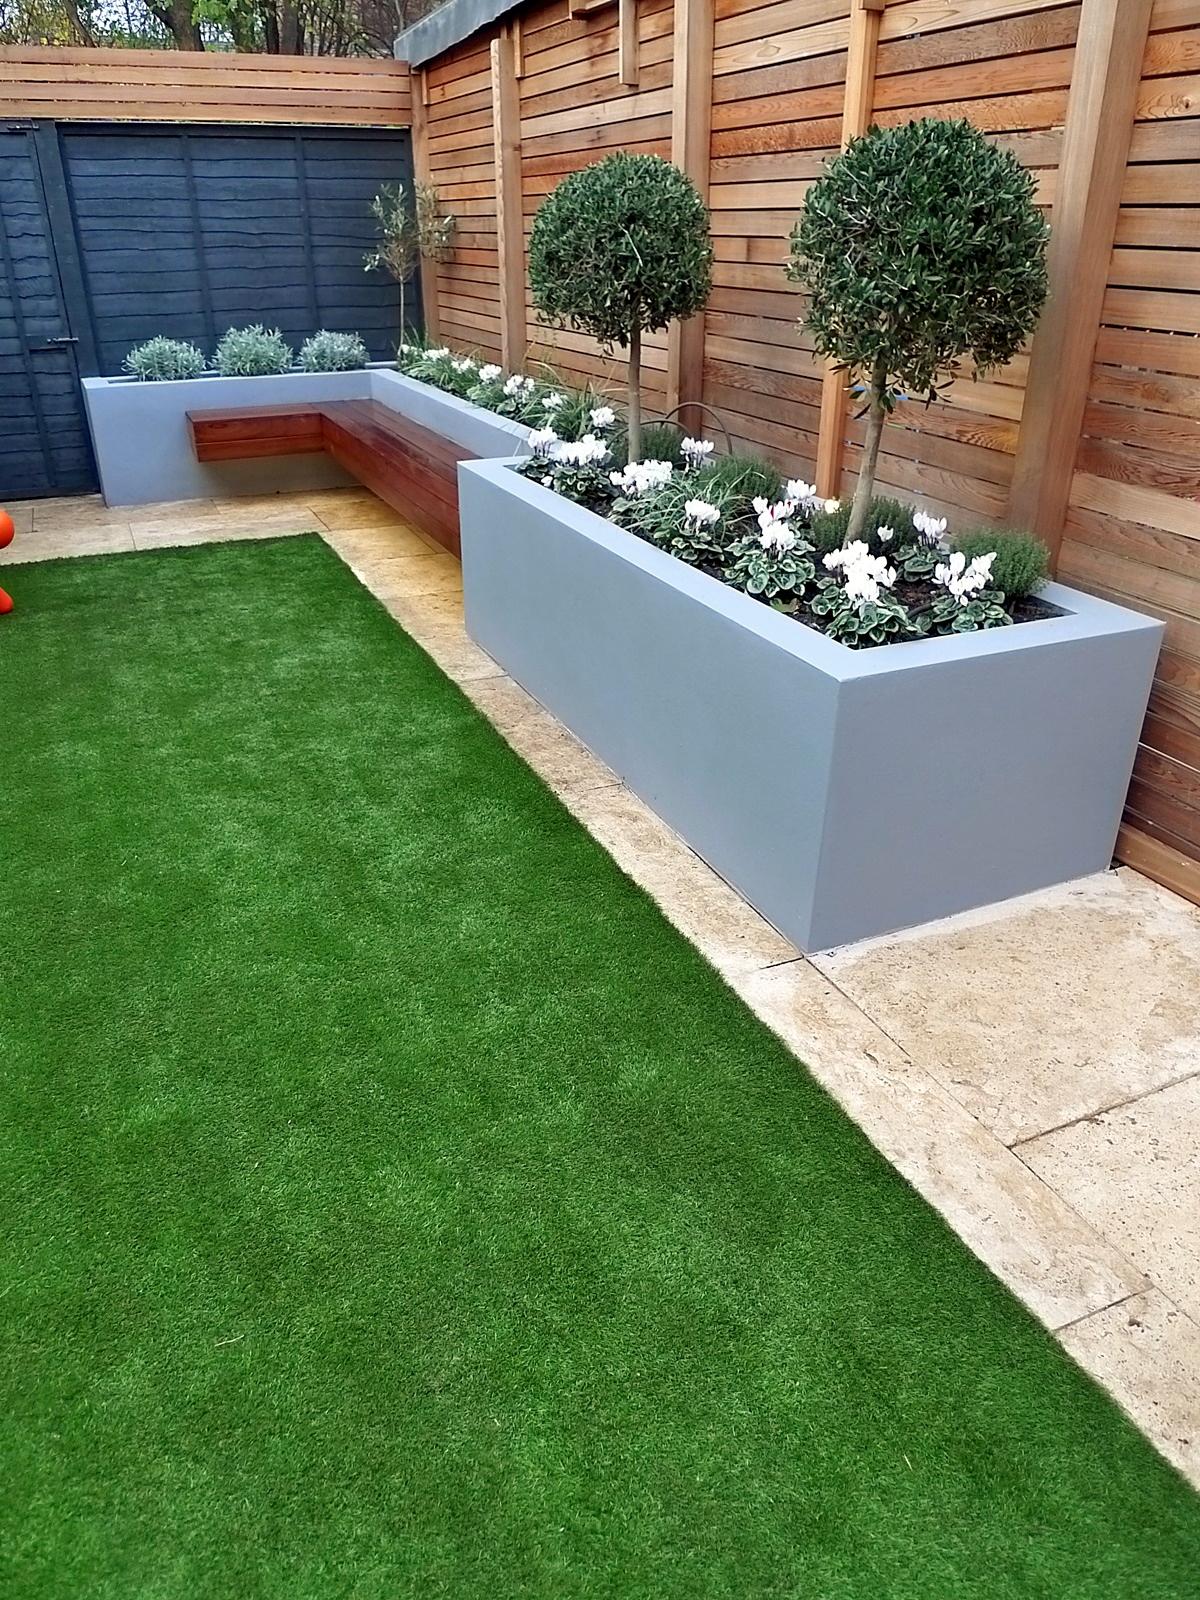 London garden blog london garden blog gardens from for Modern garden beds